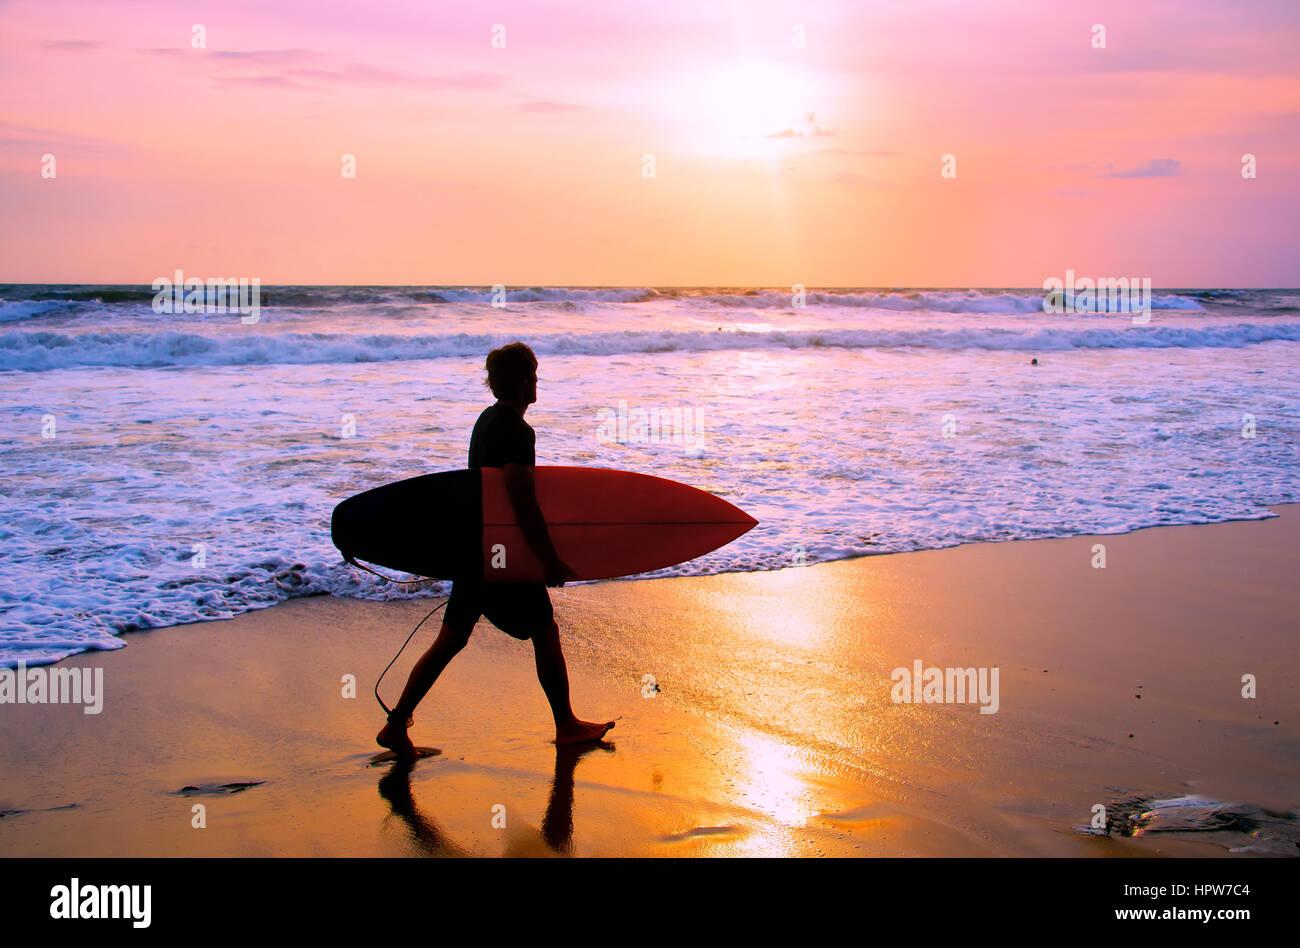 Surfista com prancha de caminhar sobre a areia da praia ao pôr-do-sol. Ilha de Bali, Indonésia Imagens de Stock